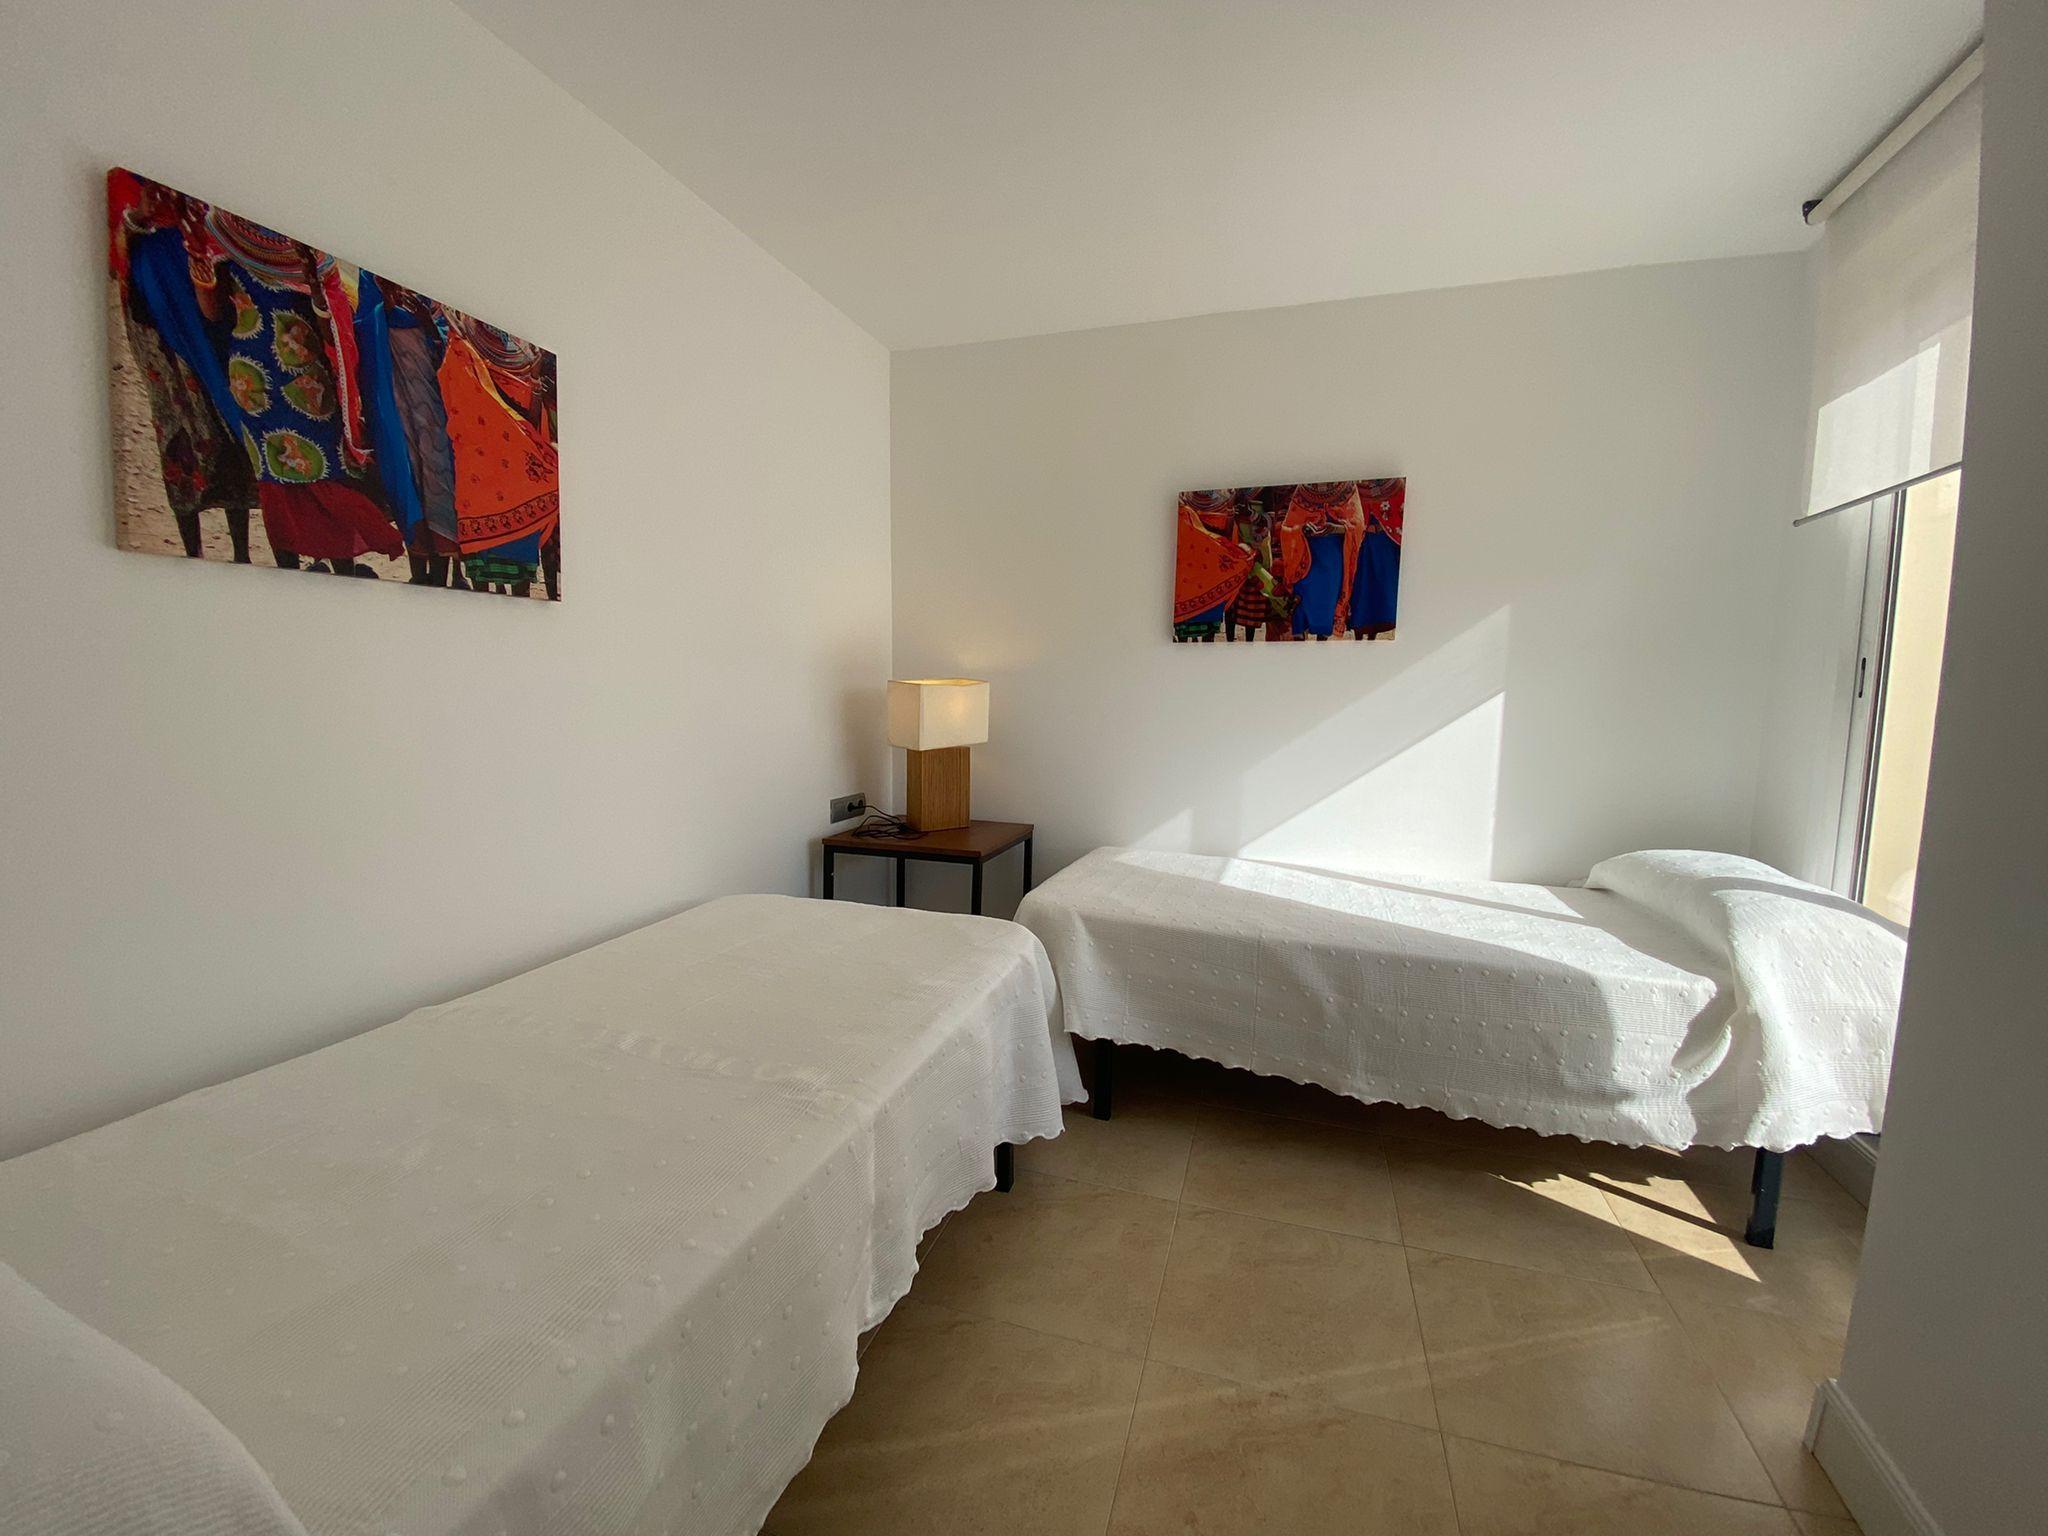 Imagen 35 del Apartamento Turístico, Ático 7 Central (3d+2b), Punta del Moral (HUELVA), Paseo de la Cruz nº22